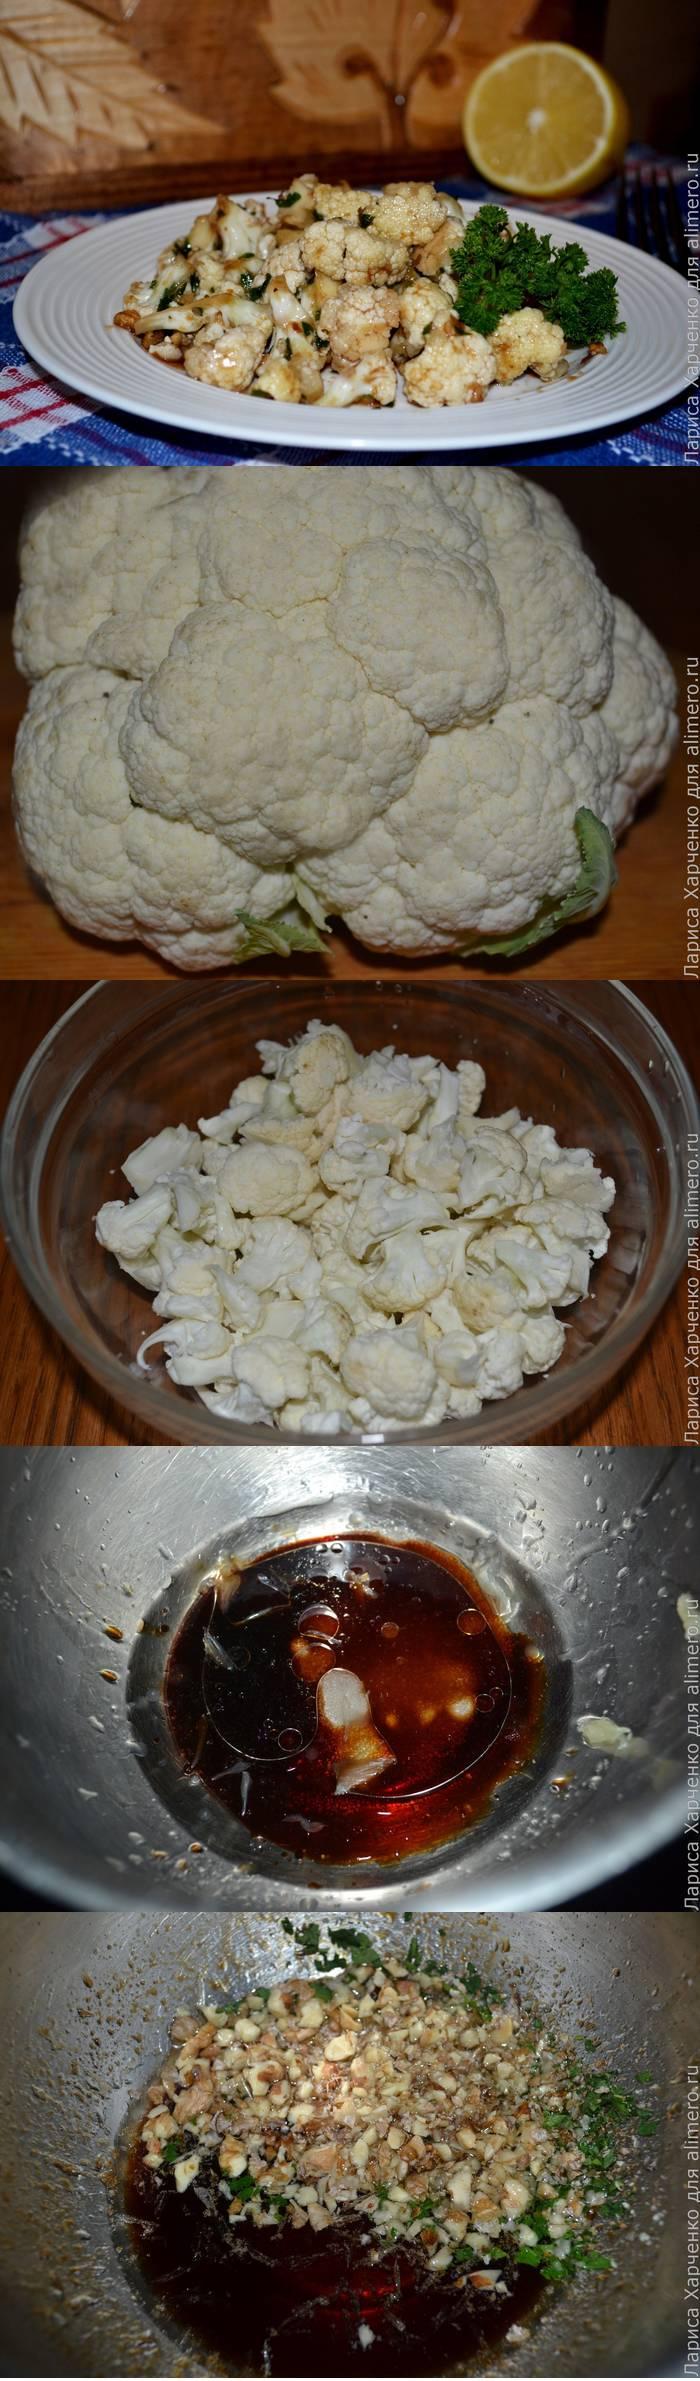 Сырая цветная капуста в пикантном соусе